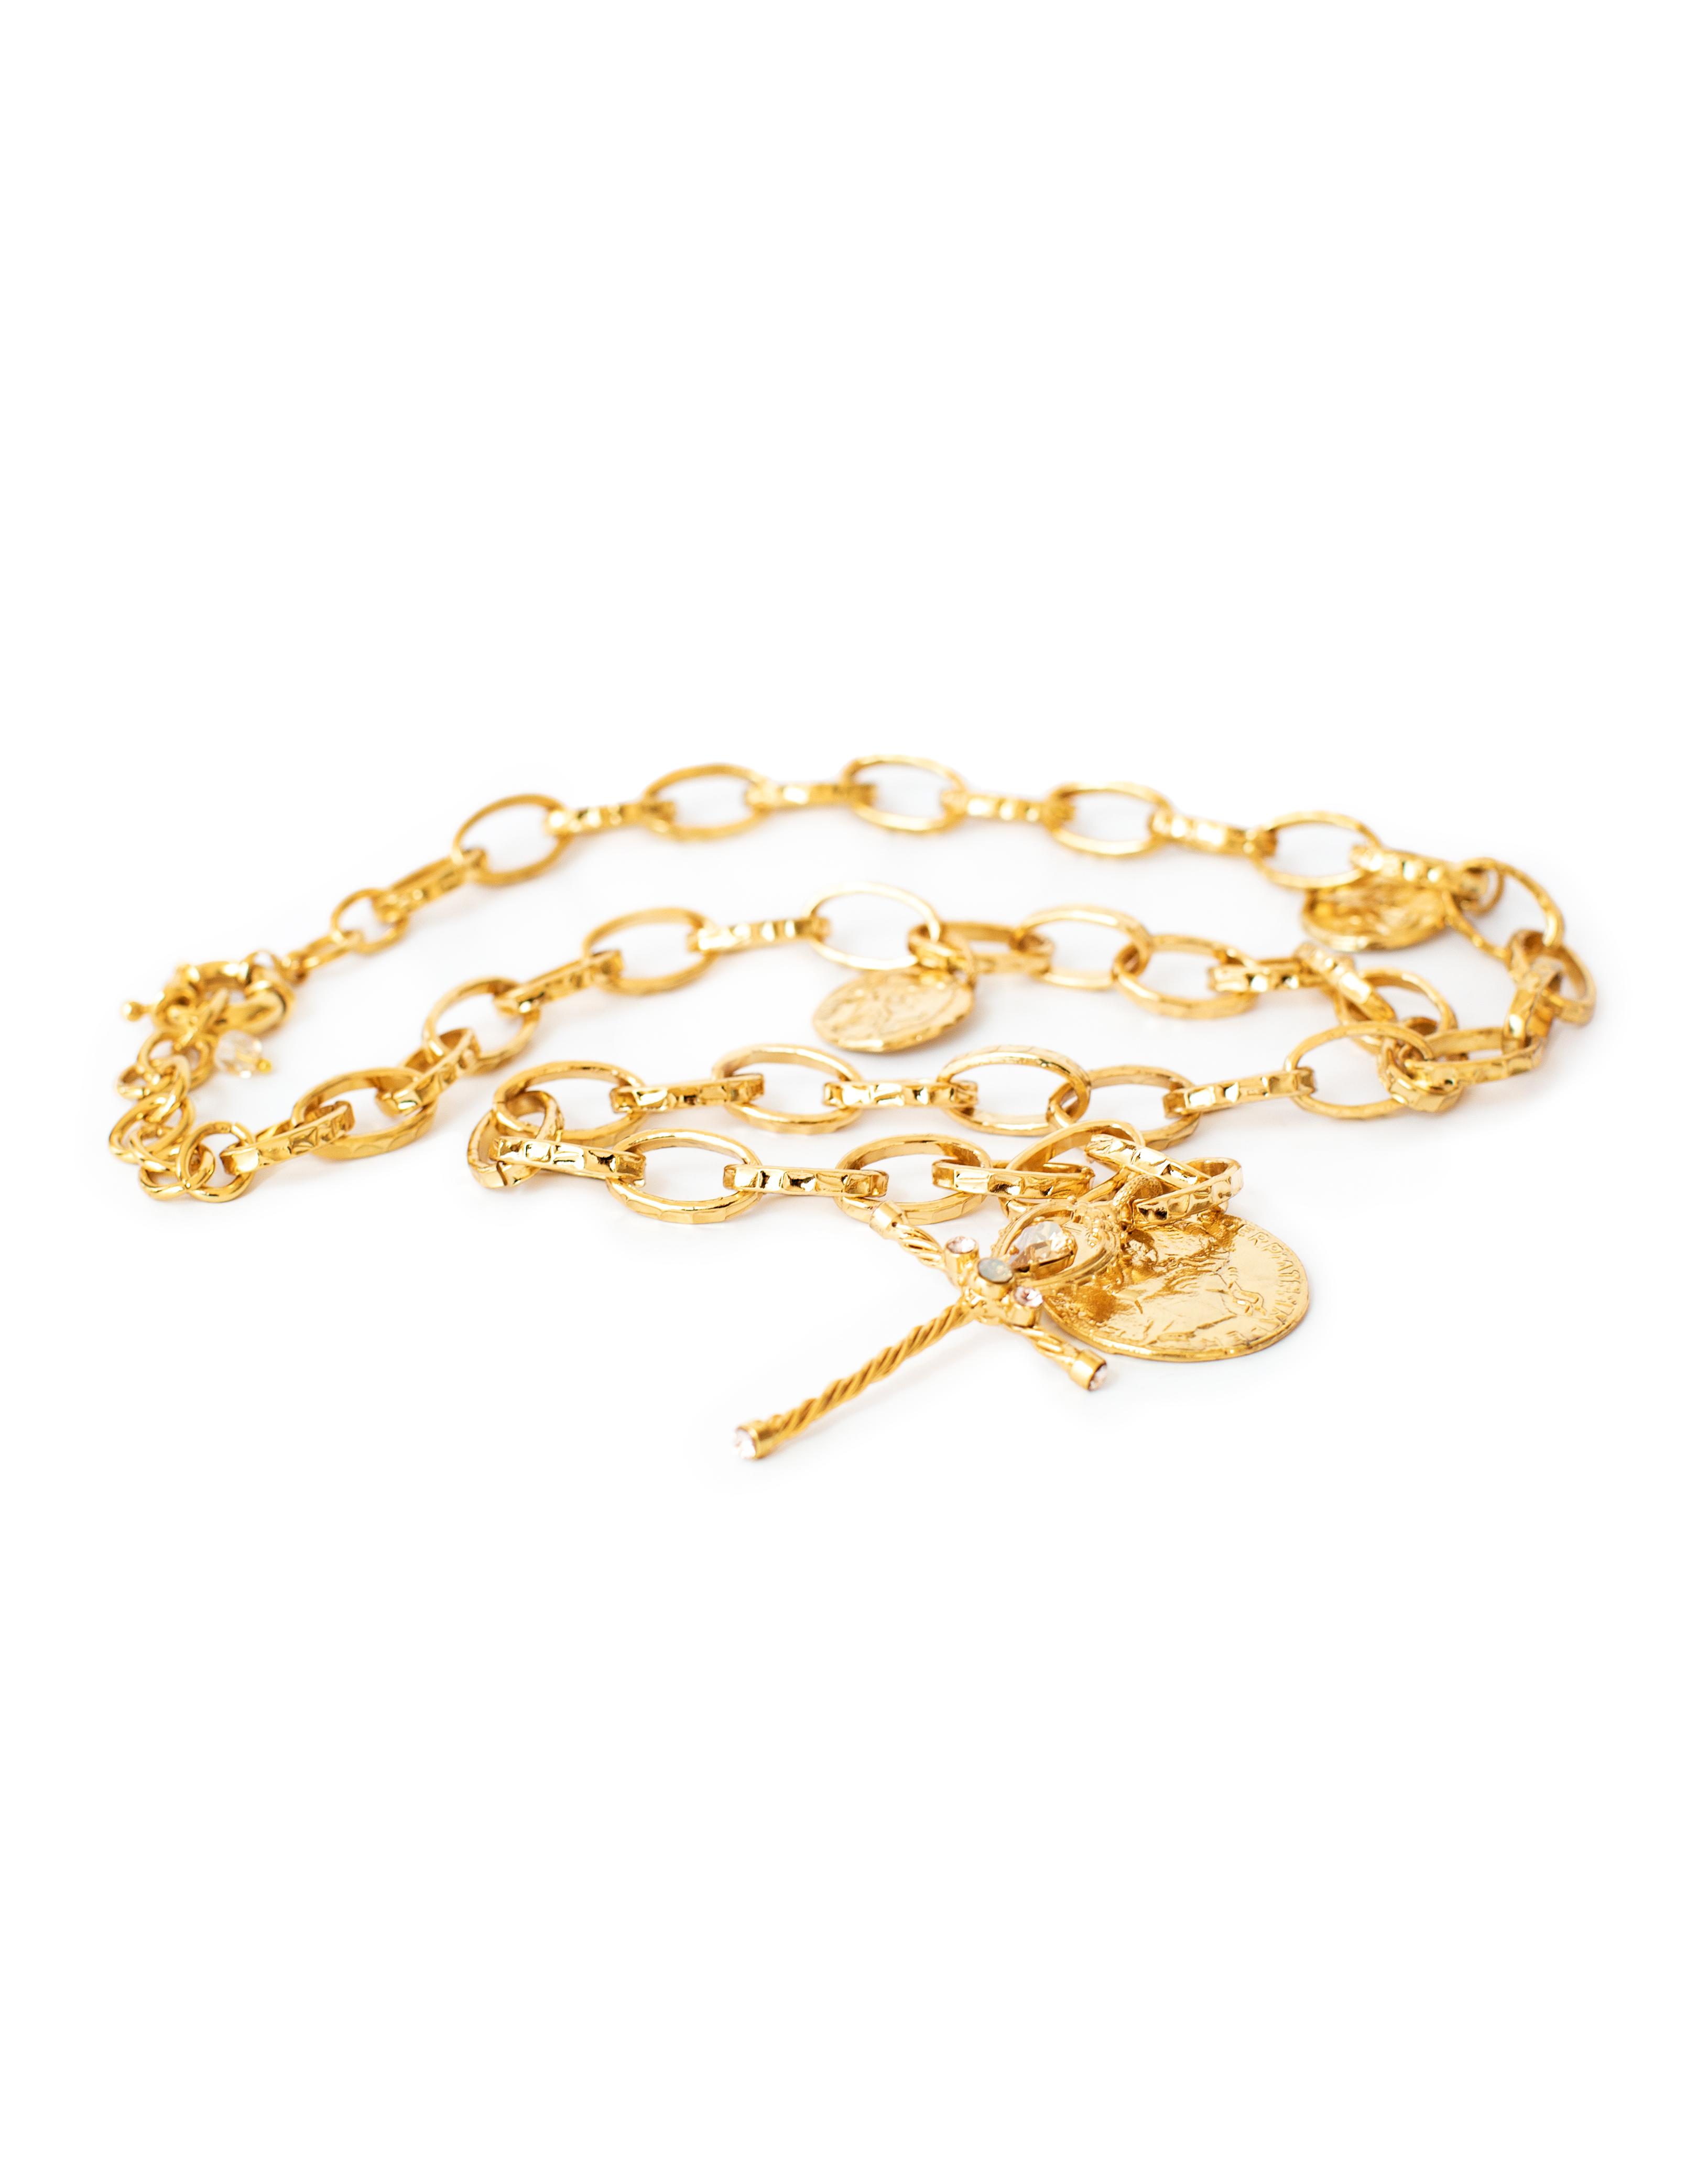 Brass LACCIO necklace